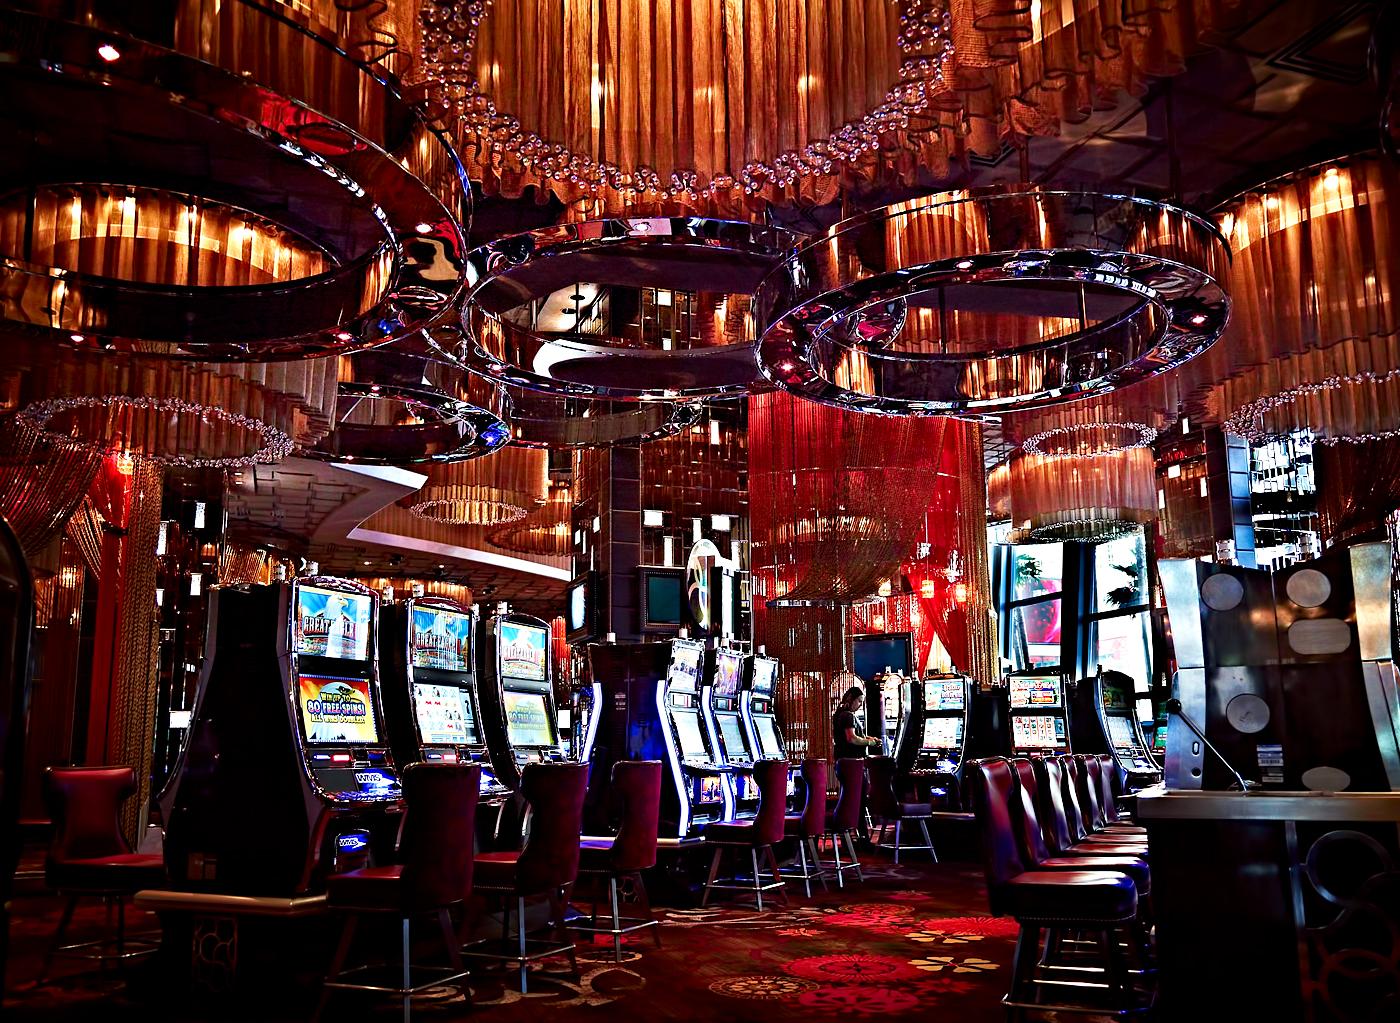 The Cosmopolitan Hotel and Casino